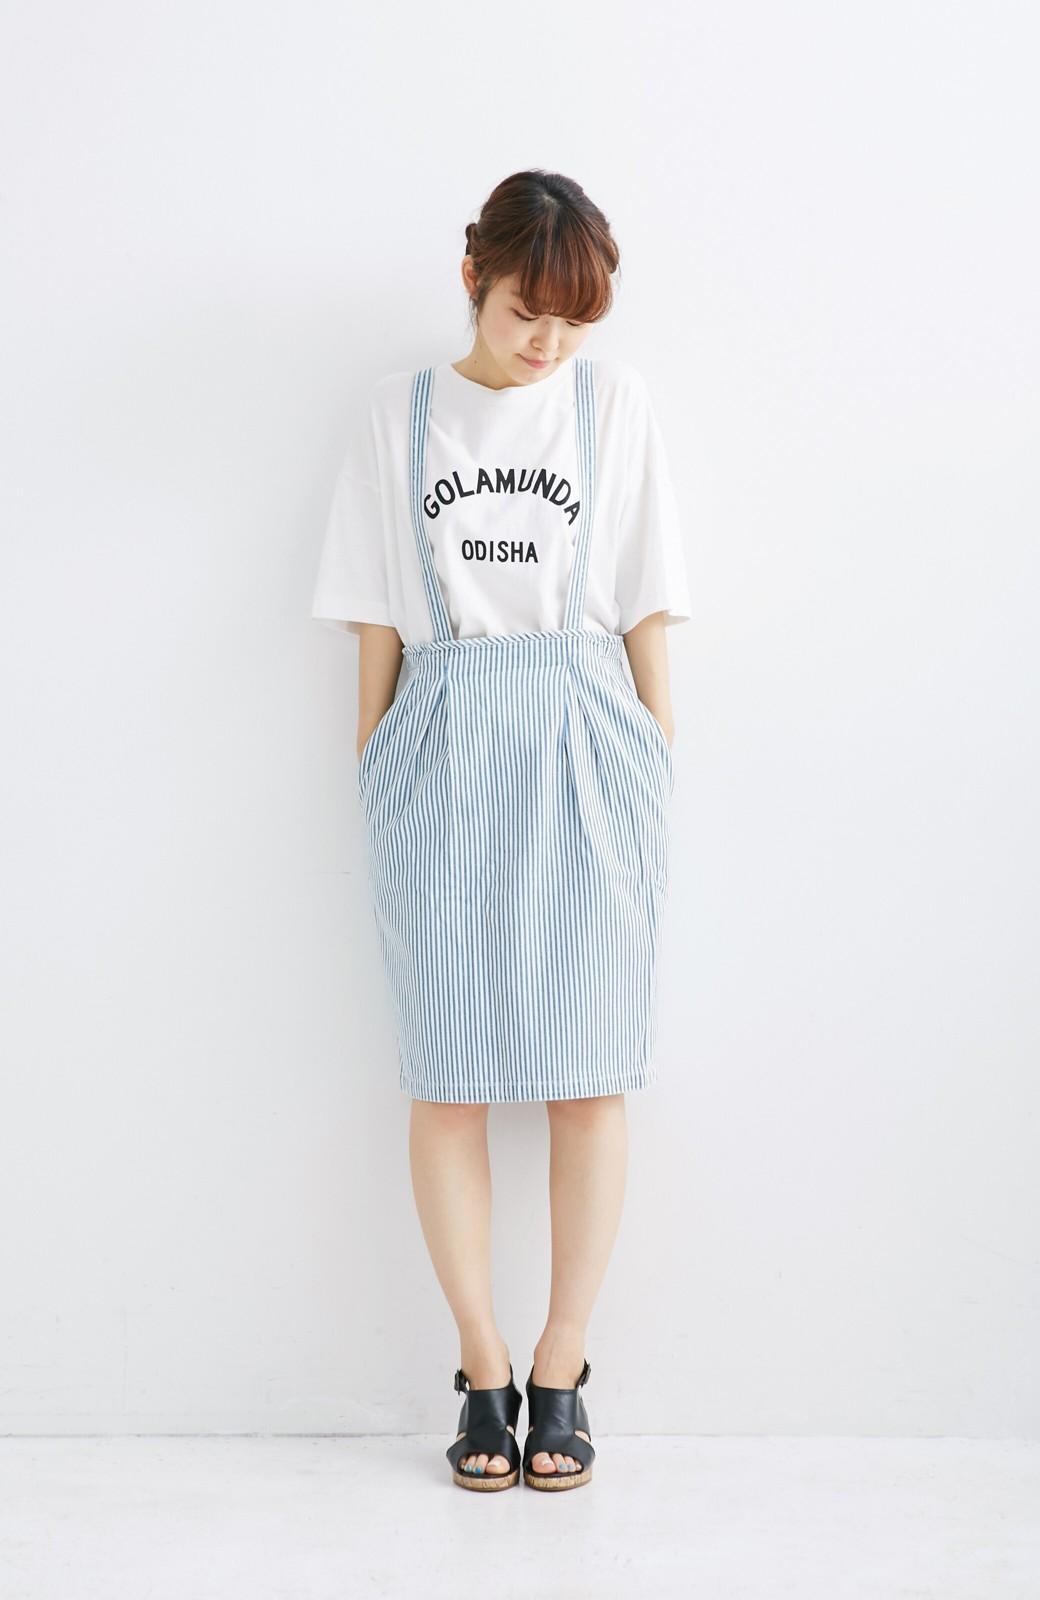 nusy ヒッコリー素材のサスペンダー付きハイウエストスカート <ブルー系その他>の商品写真3